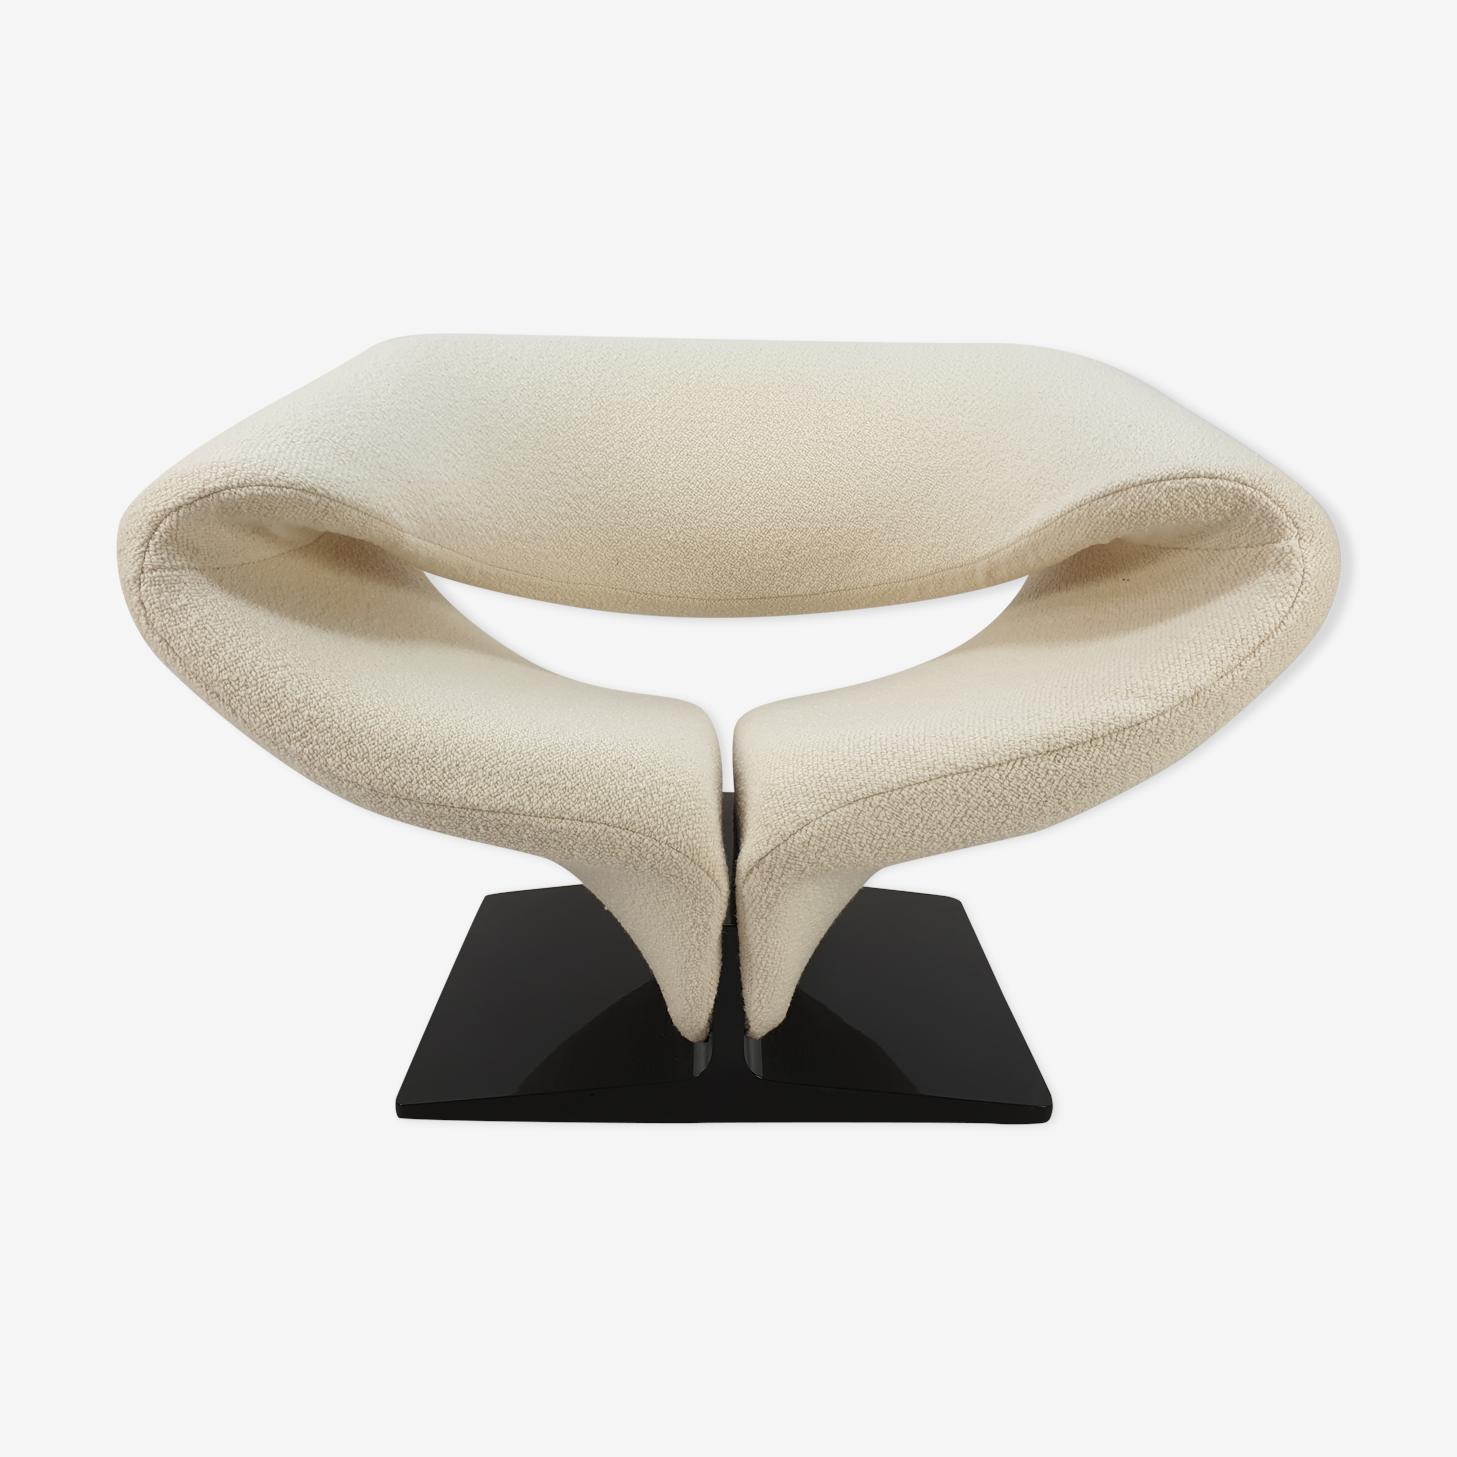 Fauteuil ruban par Pierre Paulin pour Artifort années 1960